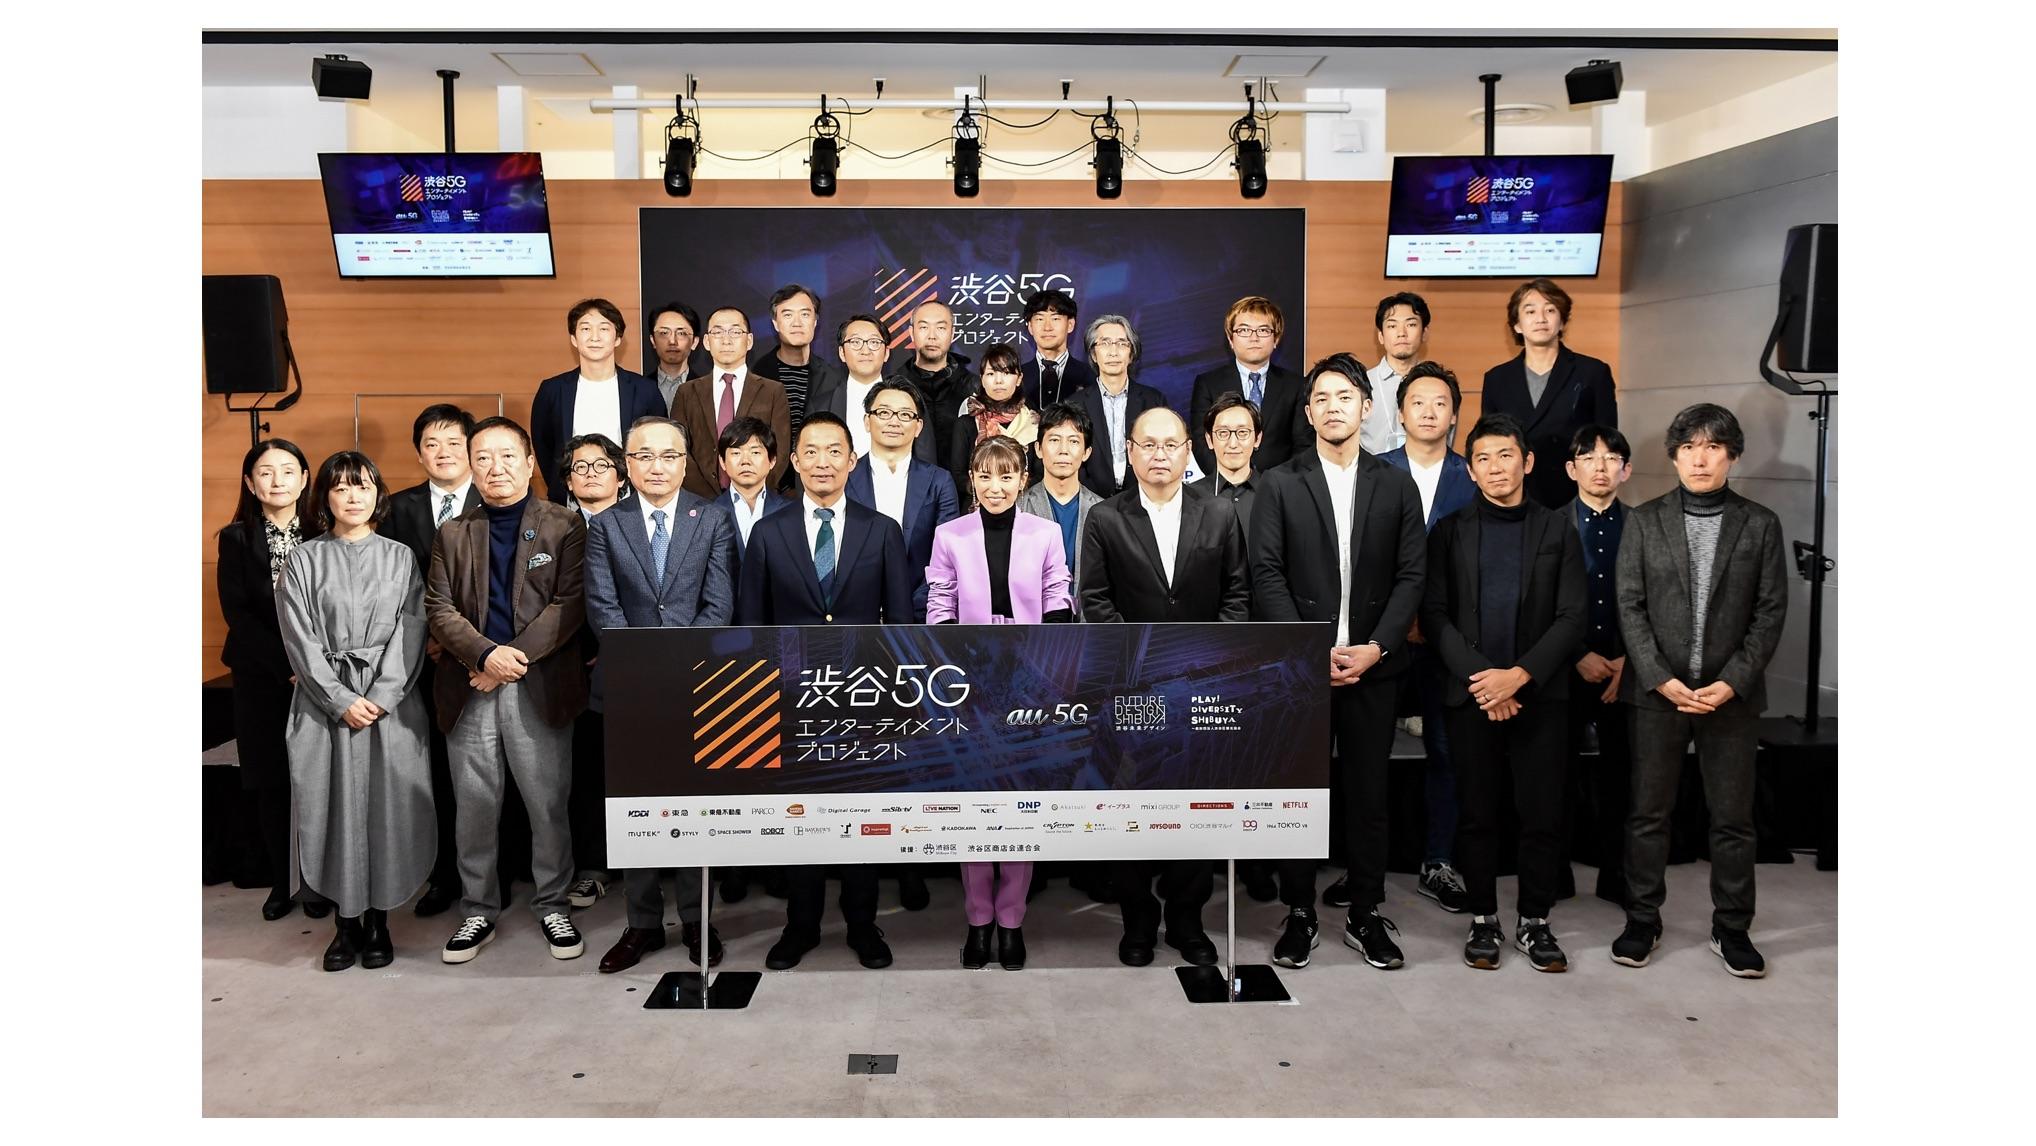 KDDI・東急・パルコなど32社が参画、「渋谷5Gエンターテイメントプロジェクト」始動